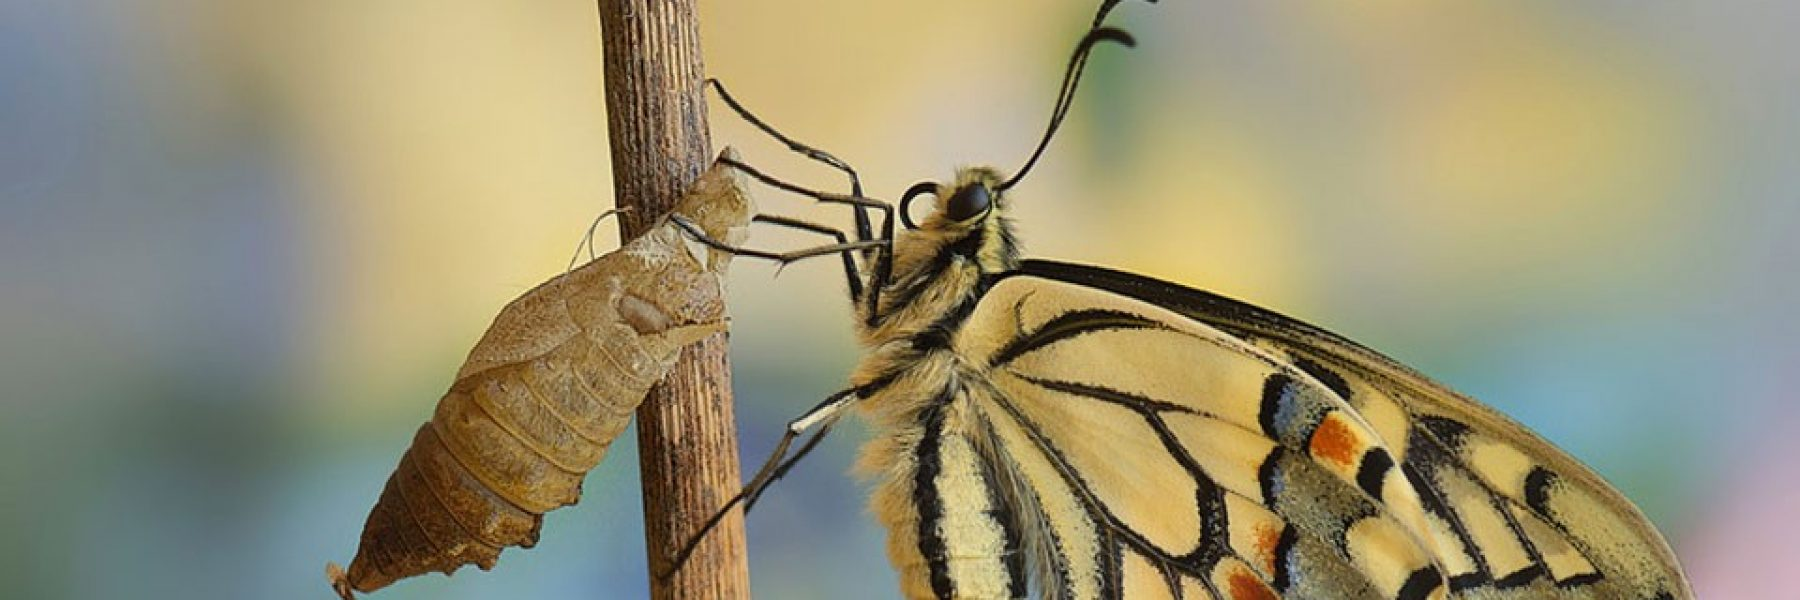 mariposa_capullo_retoque-960x350